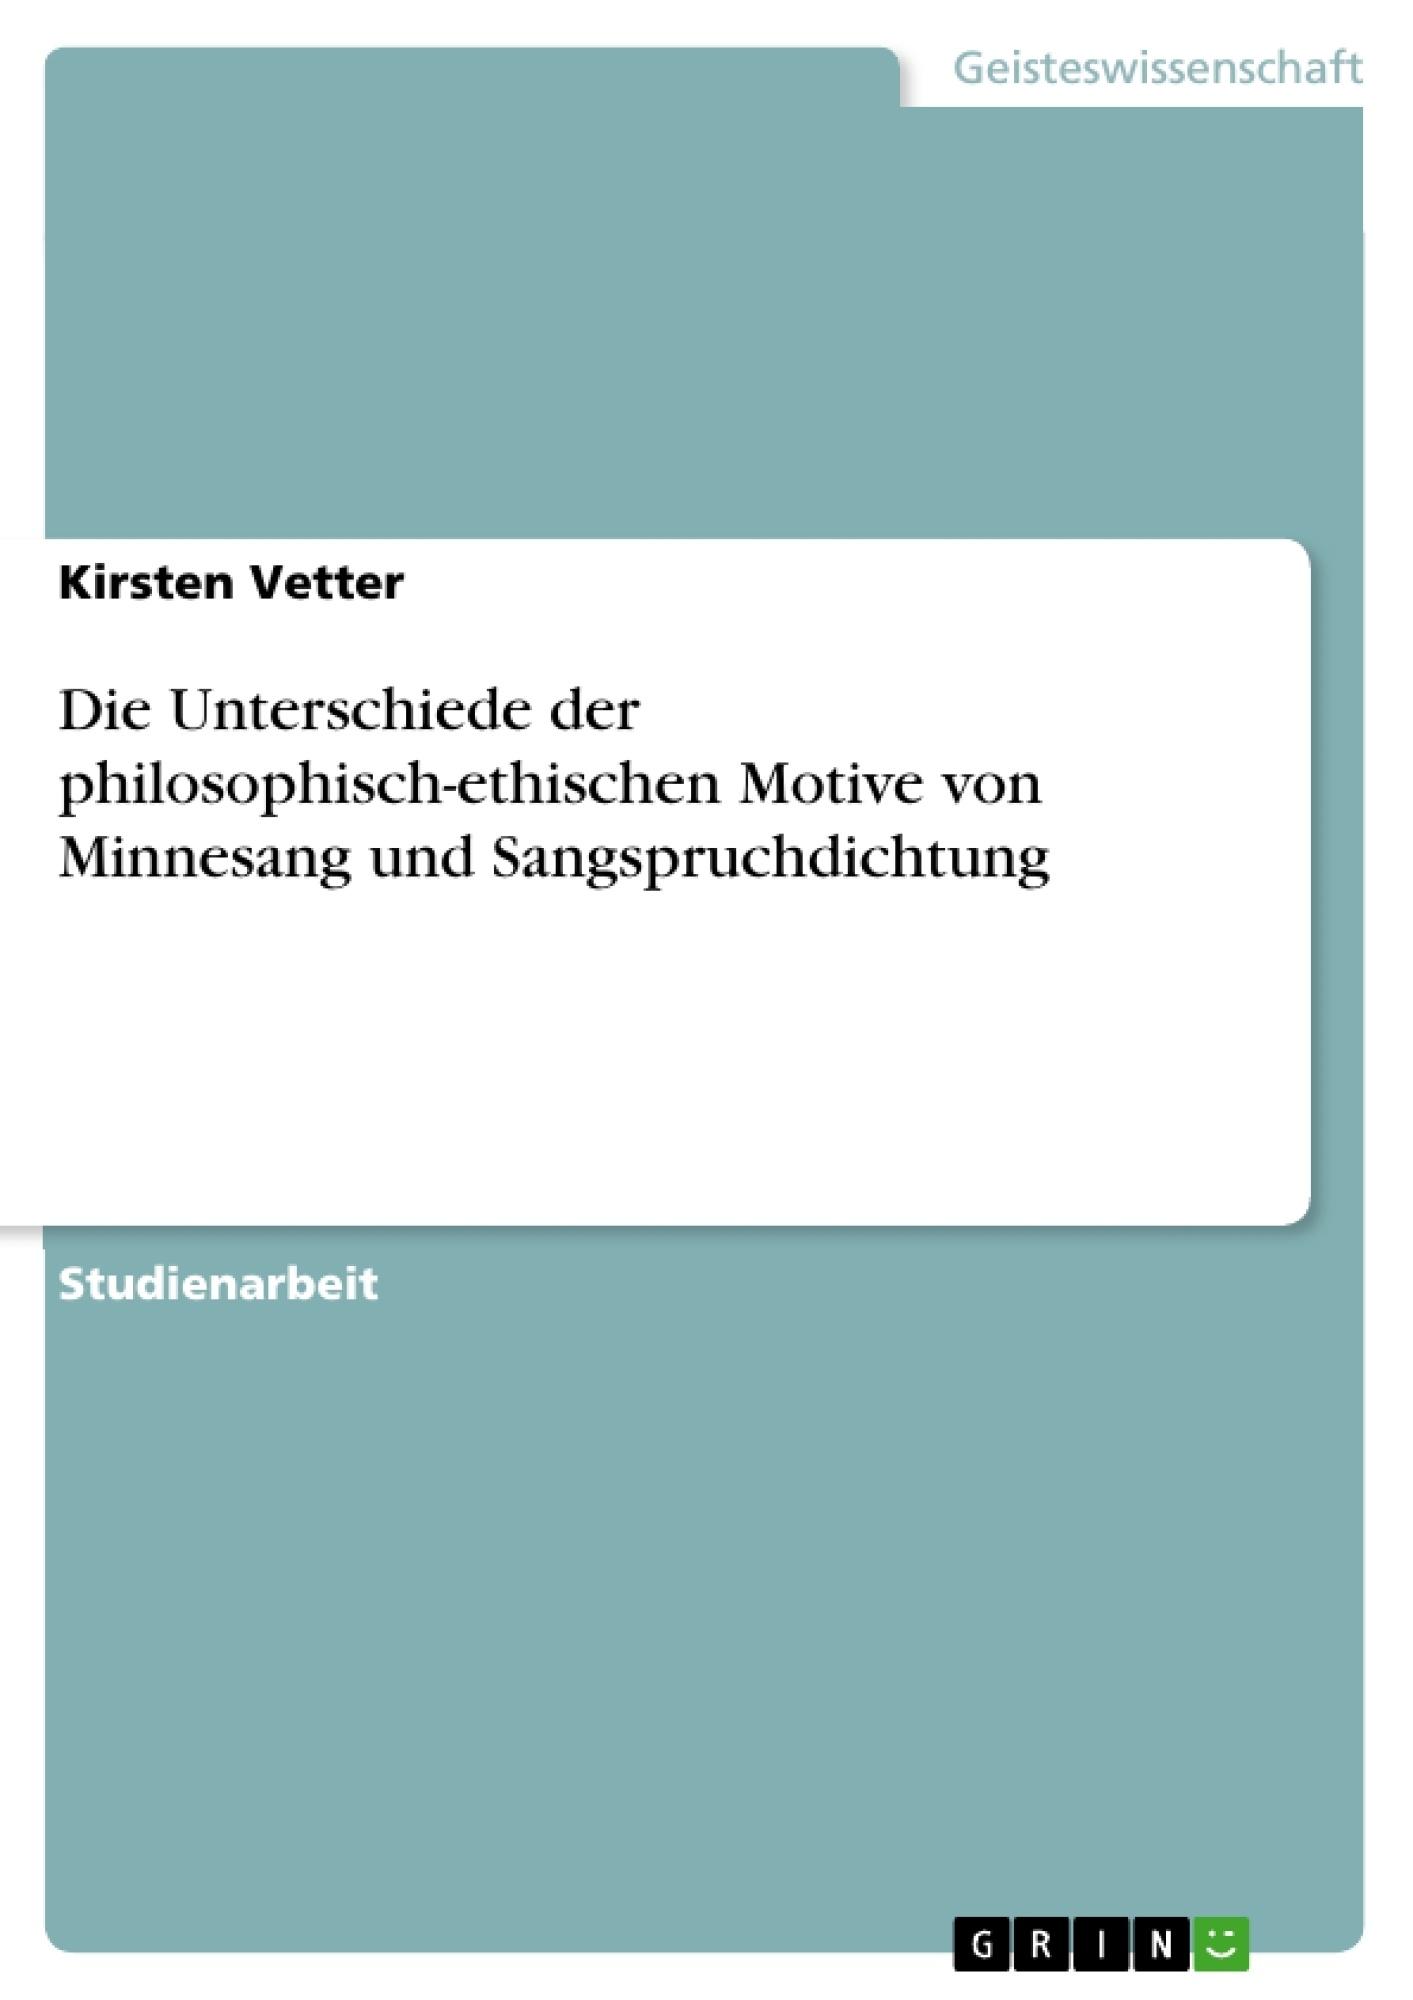 Titel: Die Unterschiede der philosophisch-ethischen Motive von Minnesang und Sangspruchdichtung